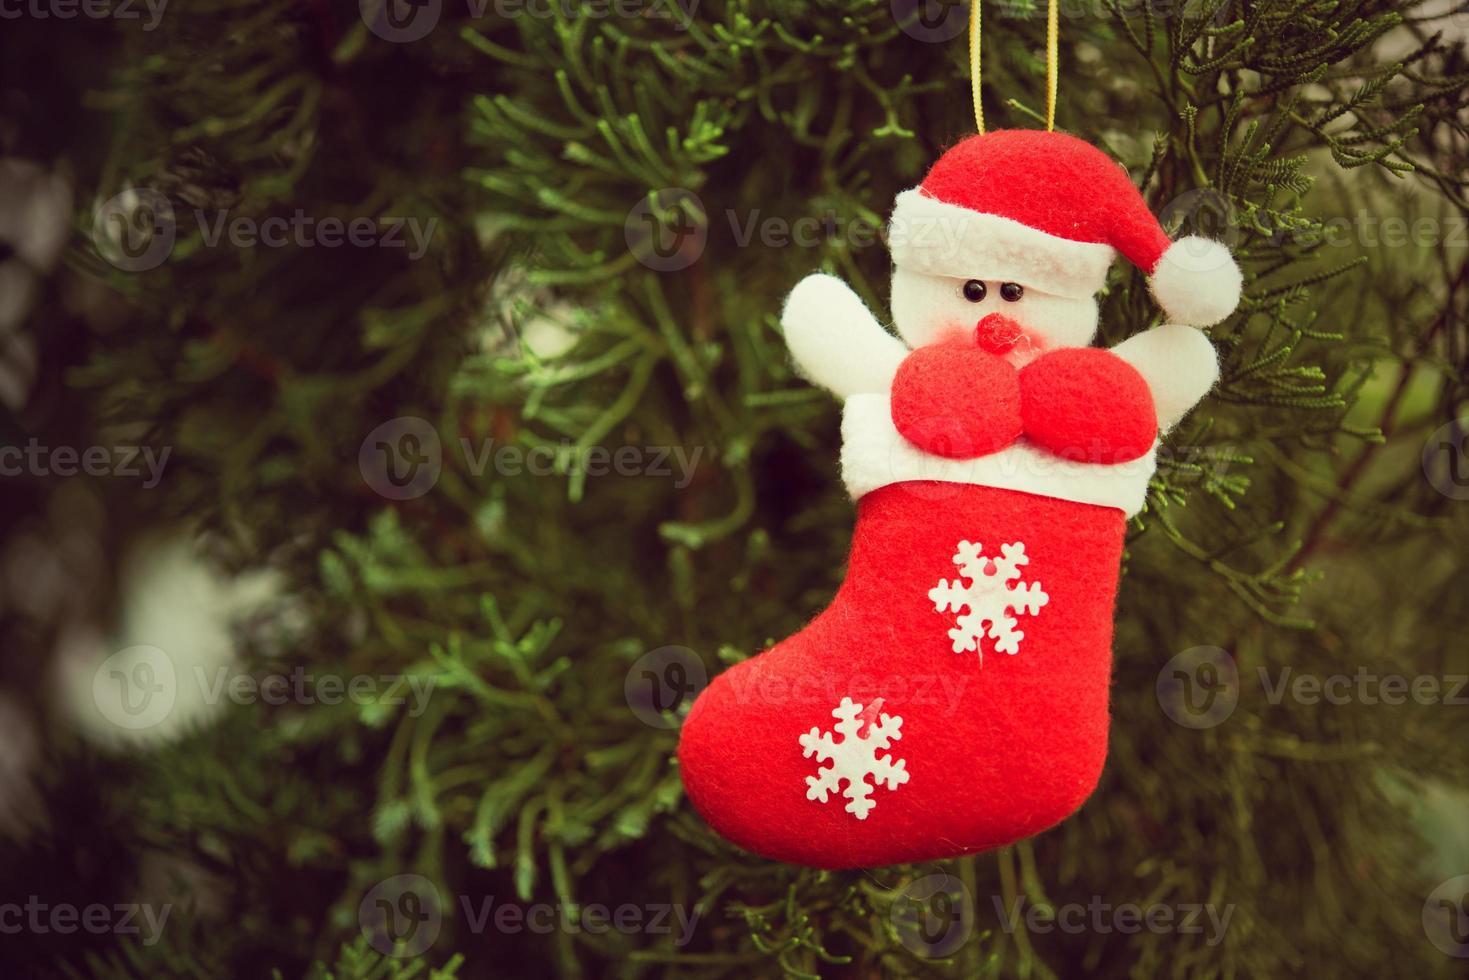 Weihnachtssocken schmücken Weihnachtsbäume und andere Dekorationen. foto